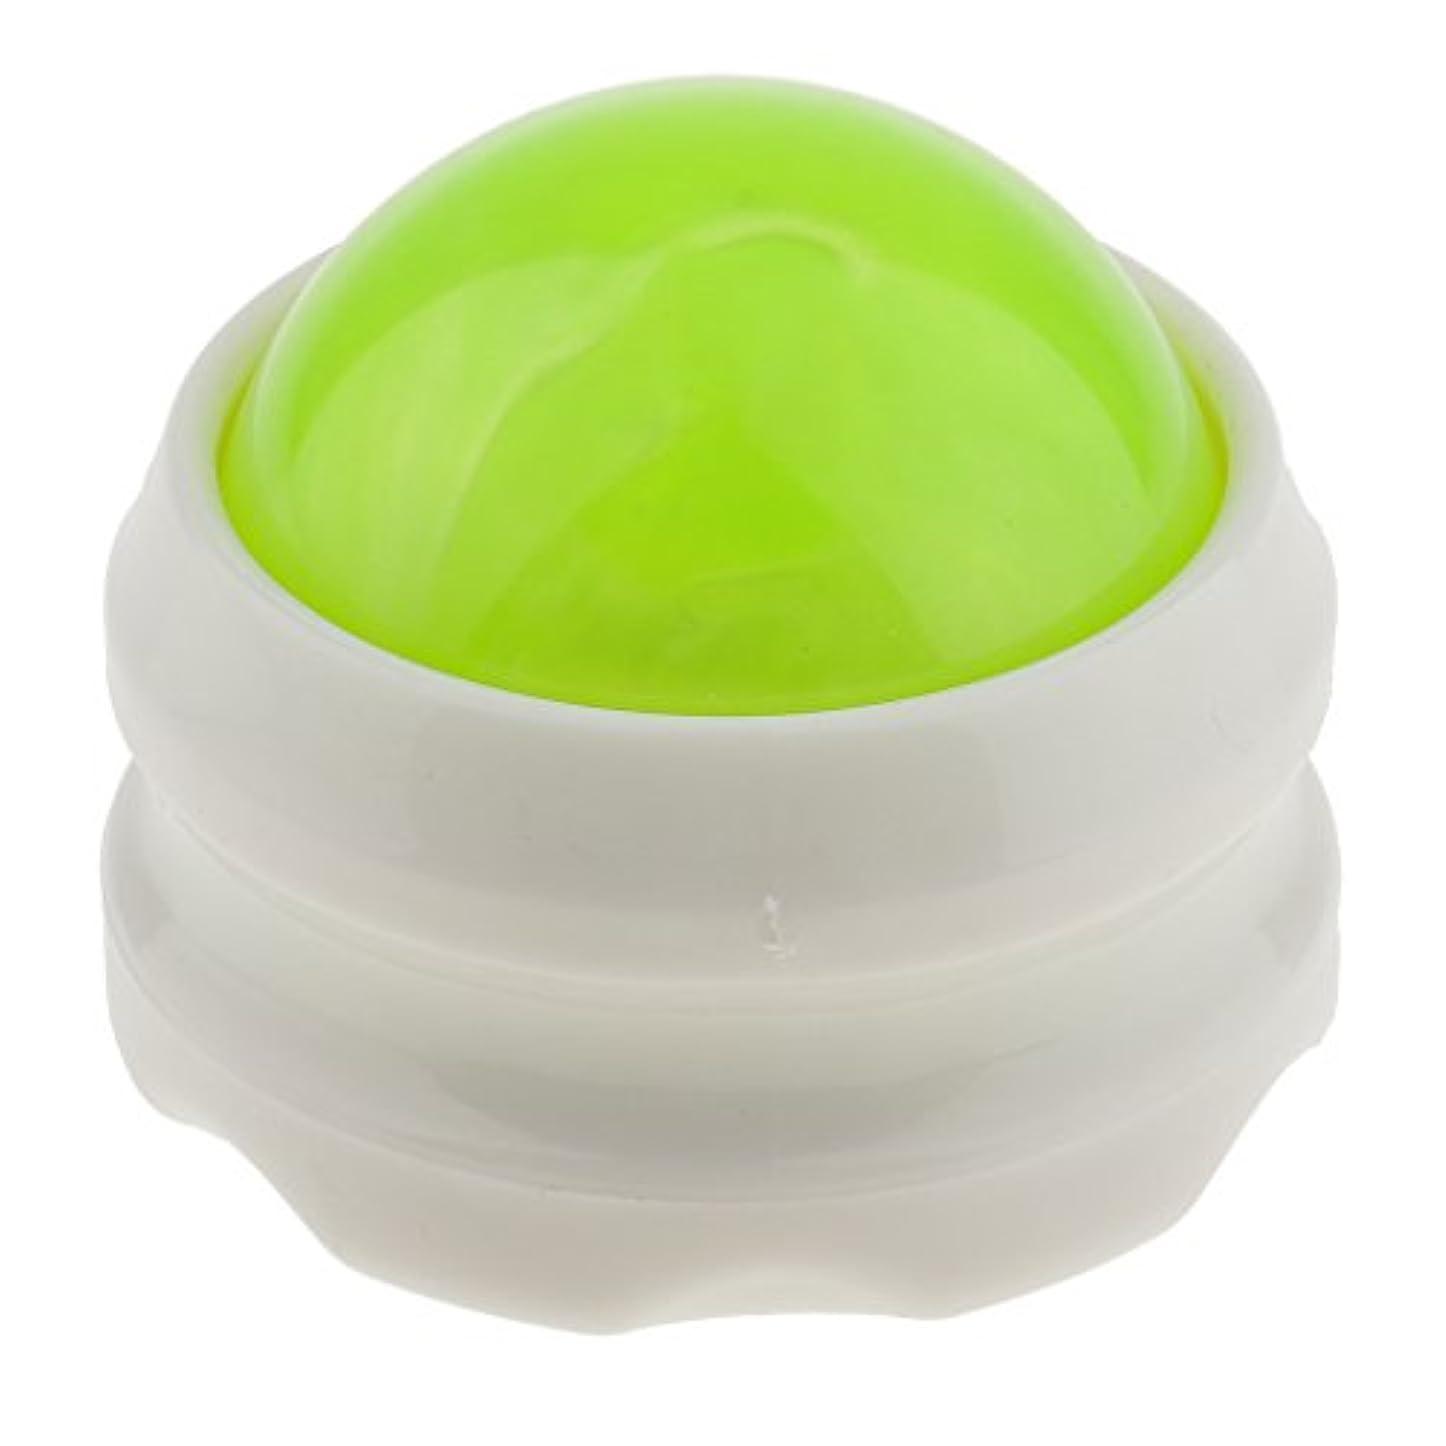 なんとなく毒性損傷sharprepublic マッサージ ローラーボール ボディ バック ネック フット セルフマッサージツール 全4色 - グリーンホワイト